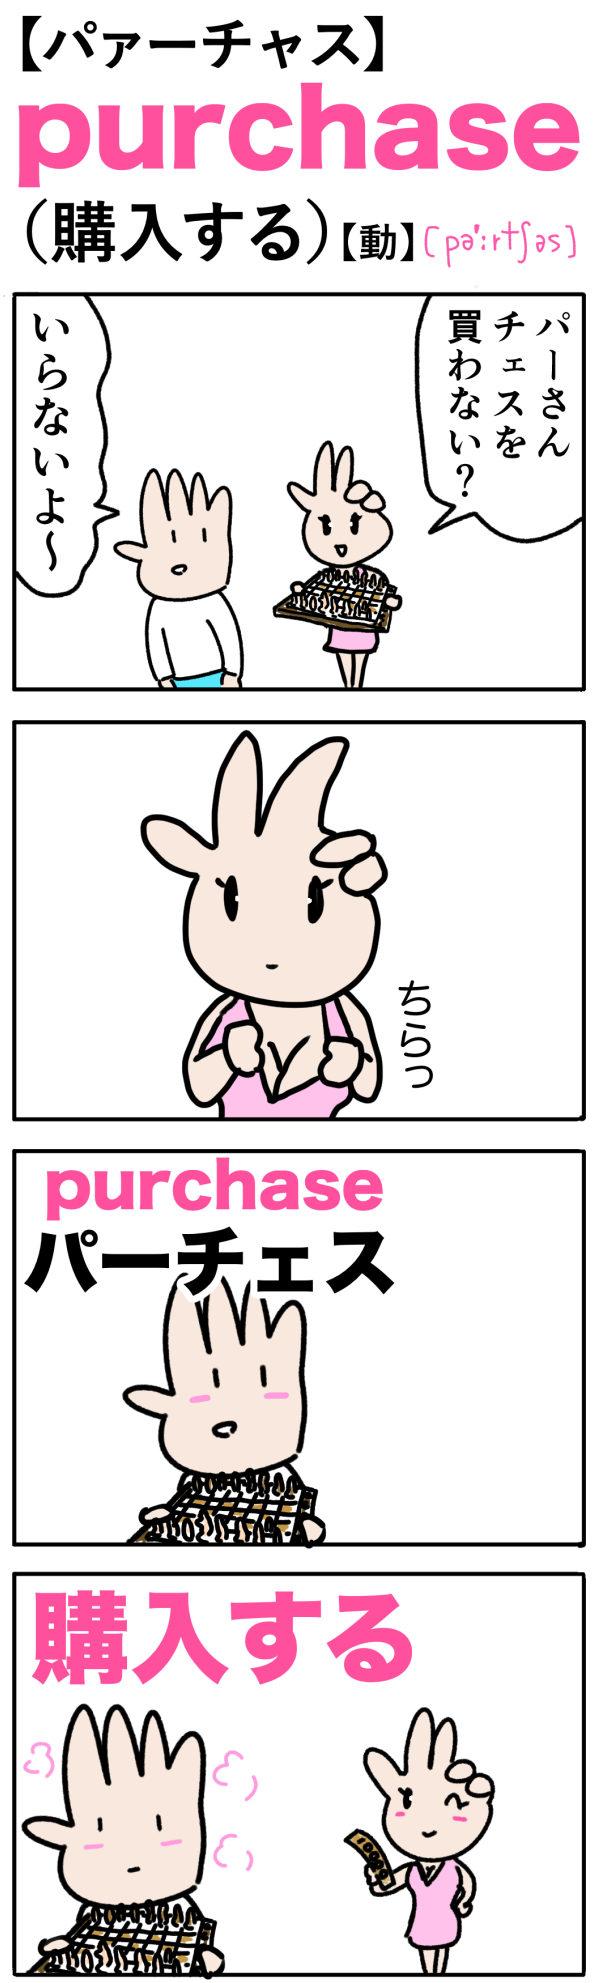 purchase(購入する)の語呂合わせ英単語